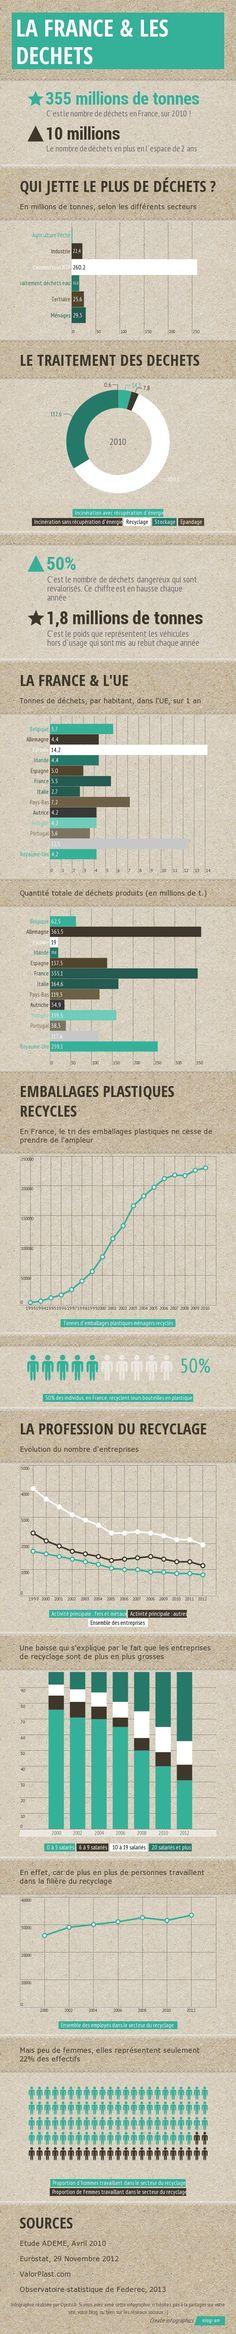 infographie La France et les dechets